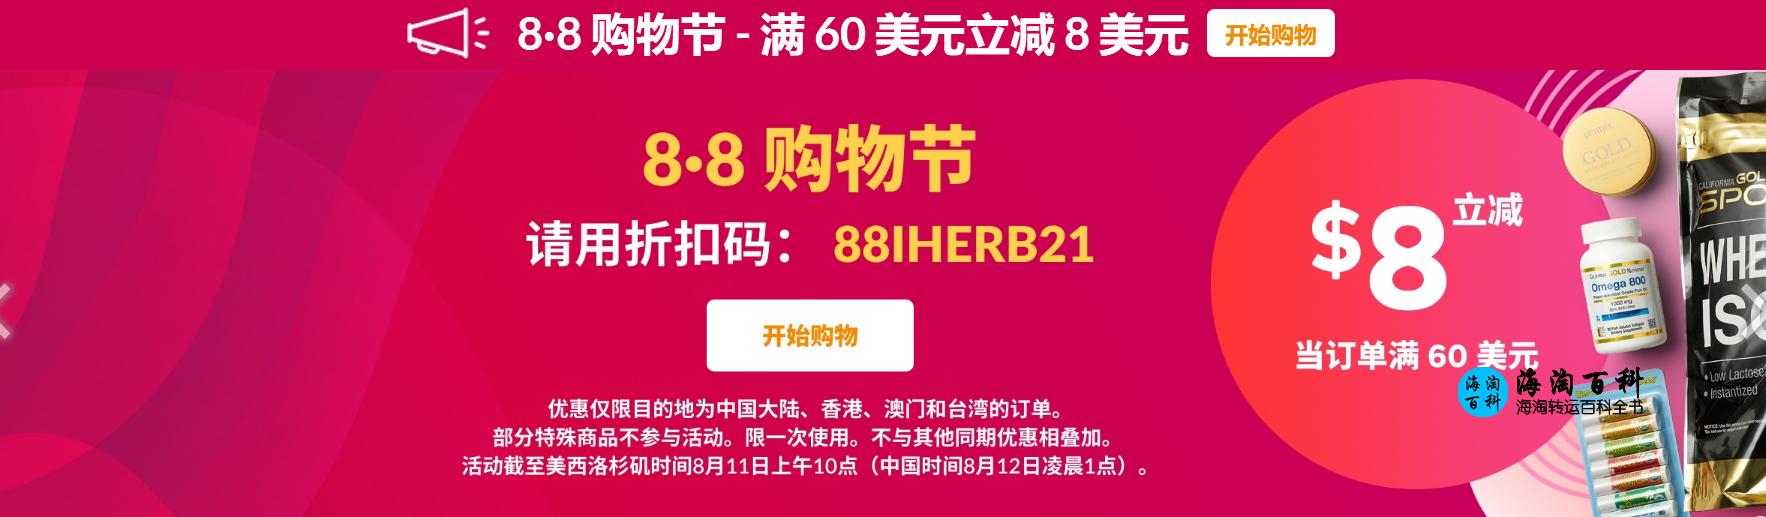 iHerb 8.8购物节:消费满60美元立减8美元